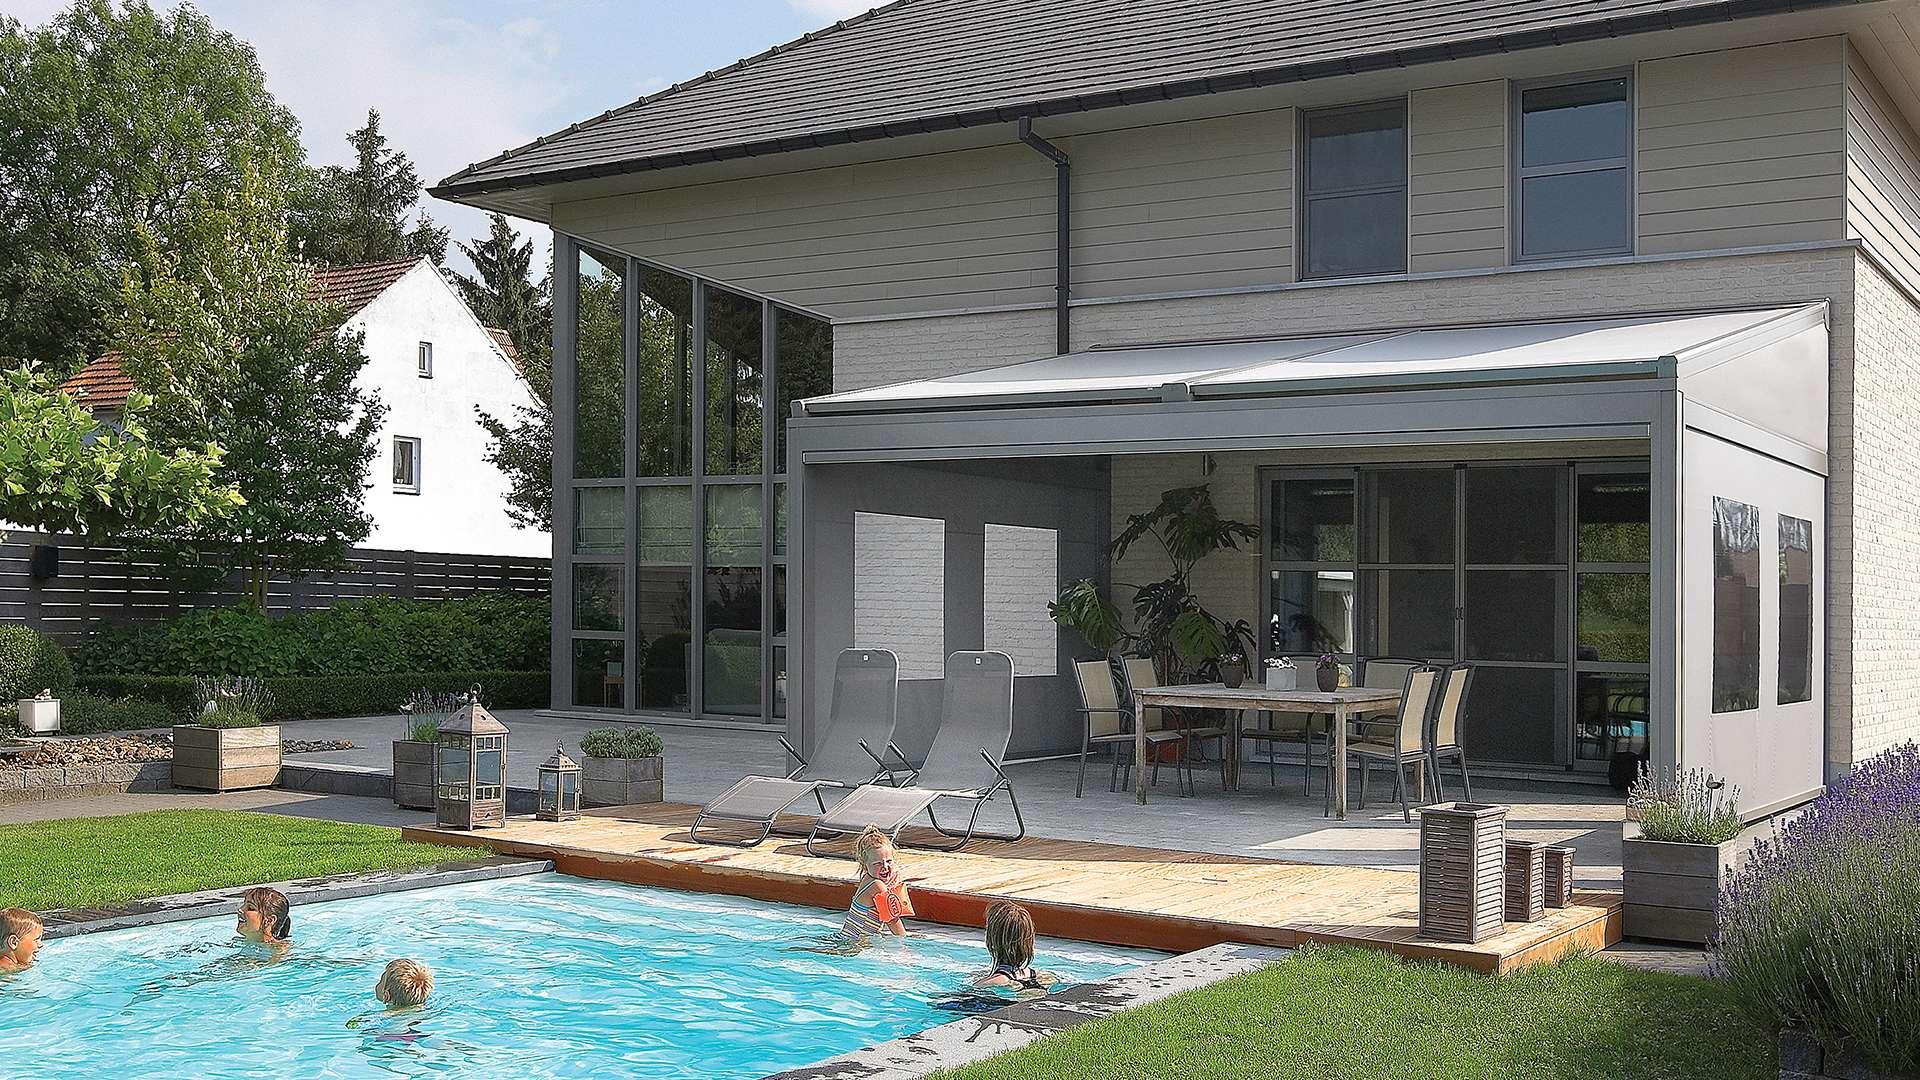 Lagune Lamellendach auf der Terrasse eines Wohnhauses mit Pool im Garten